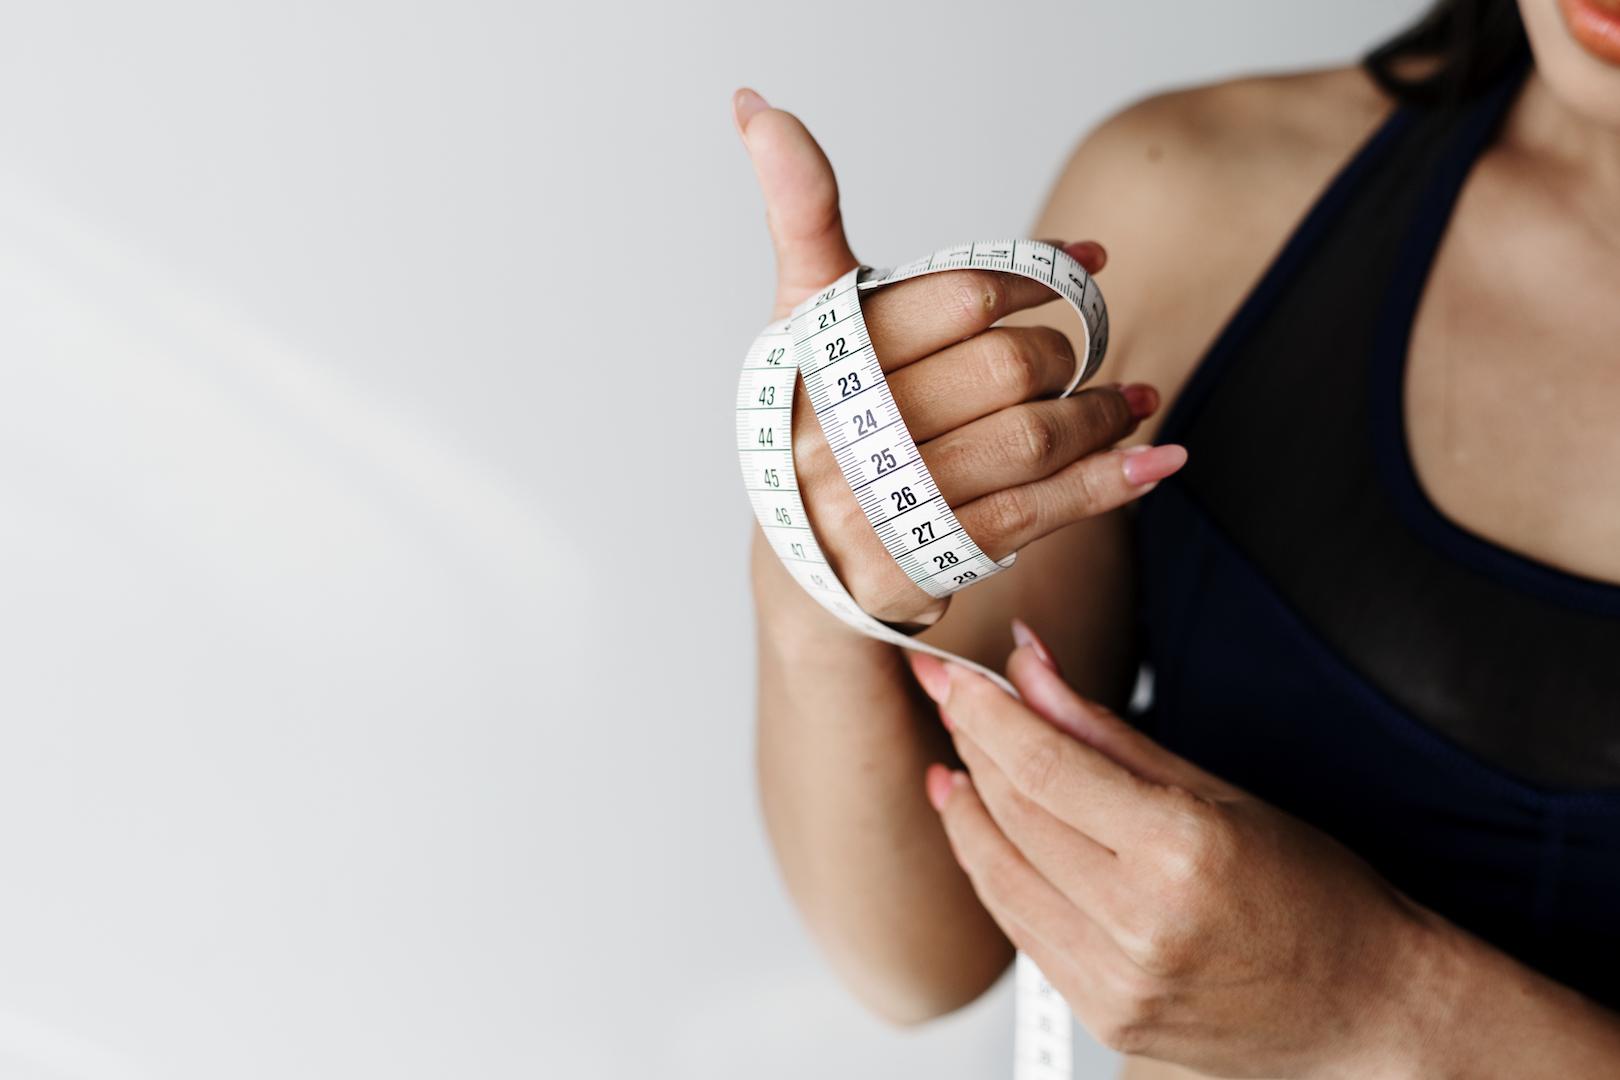 brûleurs de graisse &quot;width =&quot; 1620 &quot;height =&quot; 1080 &quot;/&gt;</p><p>Bien sûr, les brûleurs de graisse ne sont pas des pilules miracles. Ils ne peuvent jamais compenser une mauvaise alimentation et aucun exercice. En fin de compte, ils sont conçus pour faciliter votre parcours de remise en forme. Si vous voulez vraiment en tirer les bénéfices, établissez vos bases avec un plan de remise en forme à toute épreuve, une alimentation saine et un dévouement sans égal. Soyez généreux avec votre apport en protéines et votre hydratation, surtout depuis que les brûleurs de graisse ont tendance à vous déshydrater. De plus, n'oubliez pas que la perte de sommeil et la perte de graisse vont de pair. Visez huit heures ou plus de repos nocturne. Tous ces éléments vous permettront de tirer le meilleur parti de vos brûleurs de graisse.</p><p><button id=